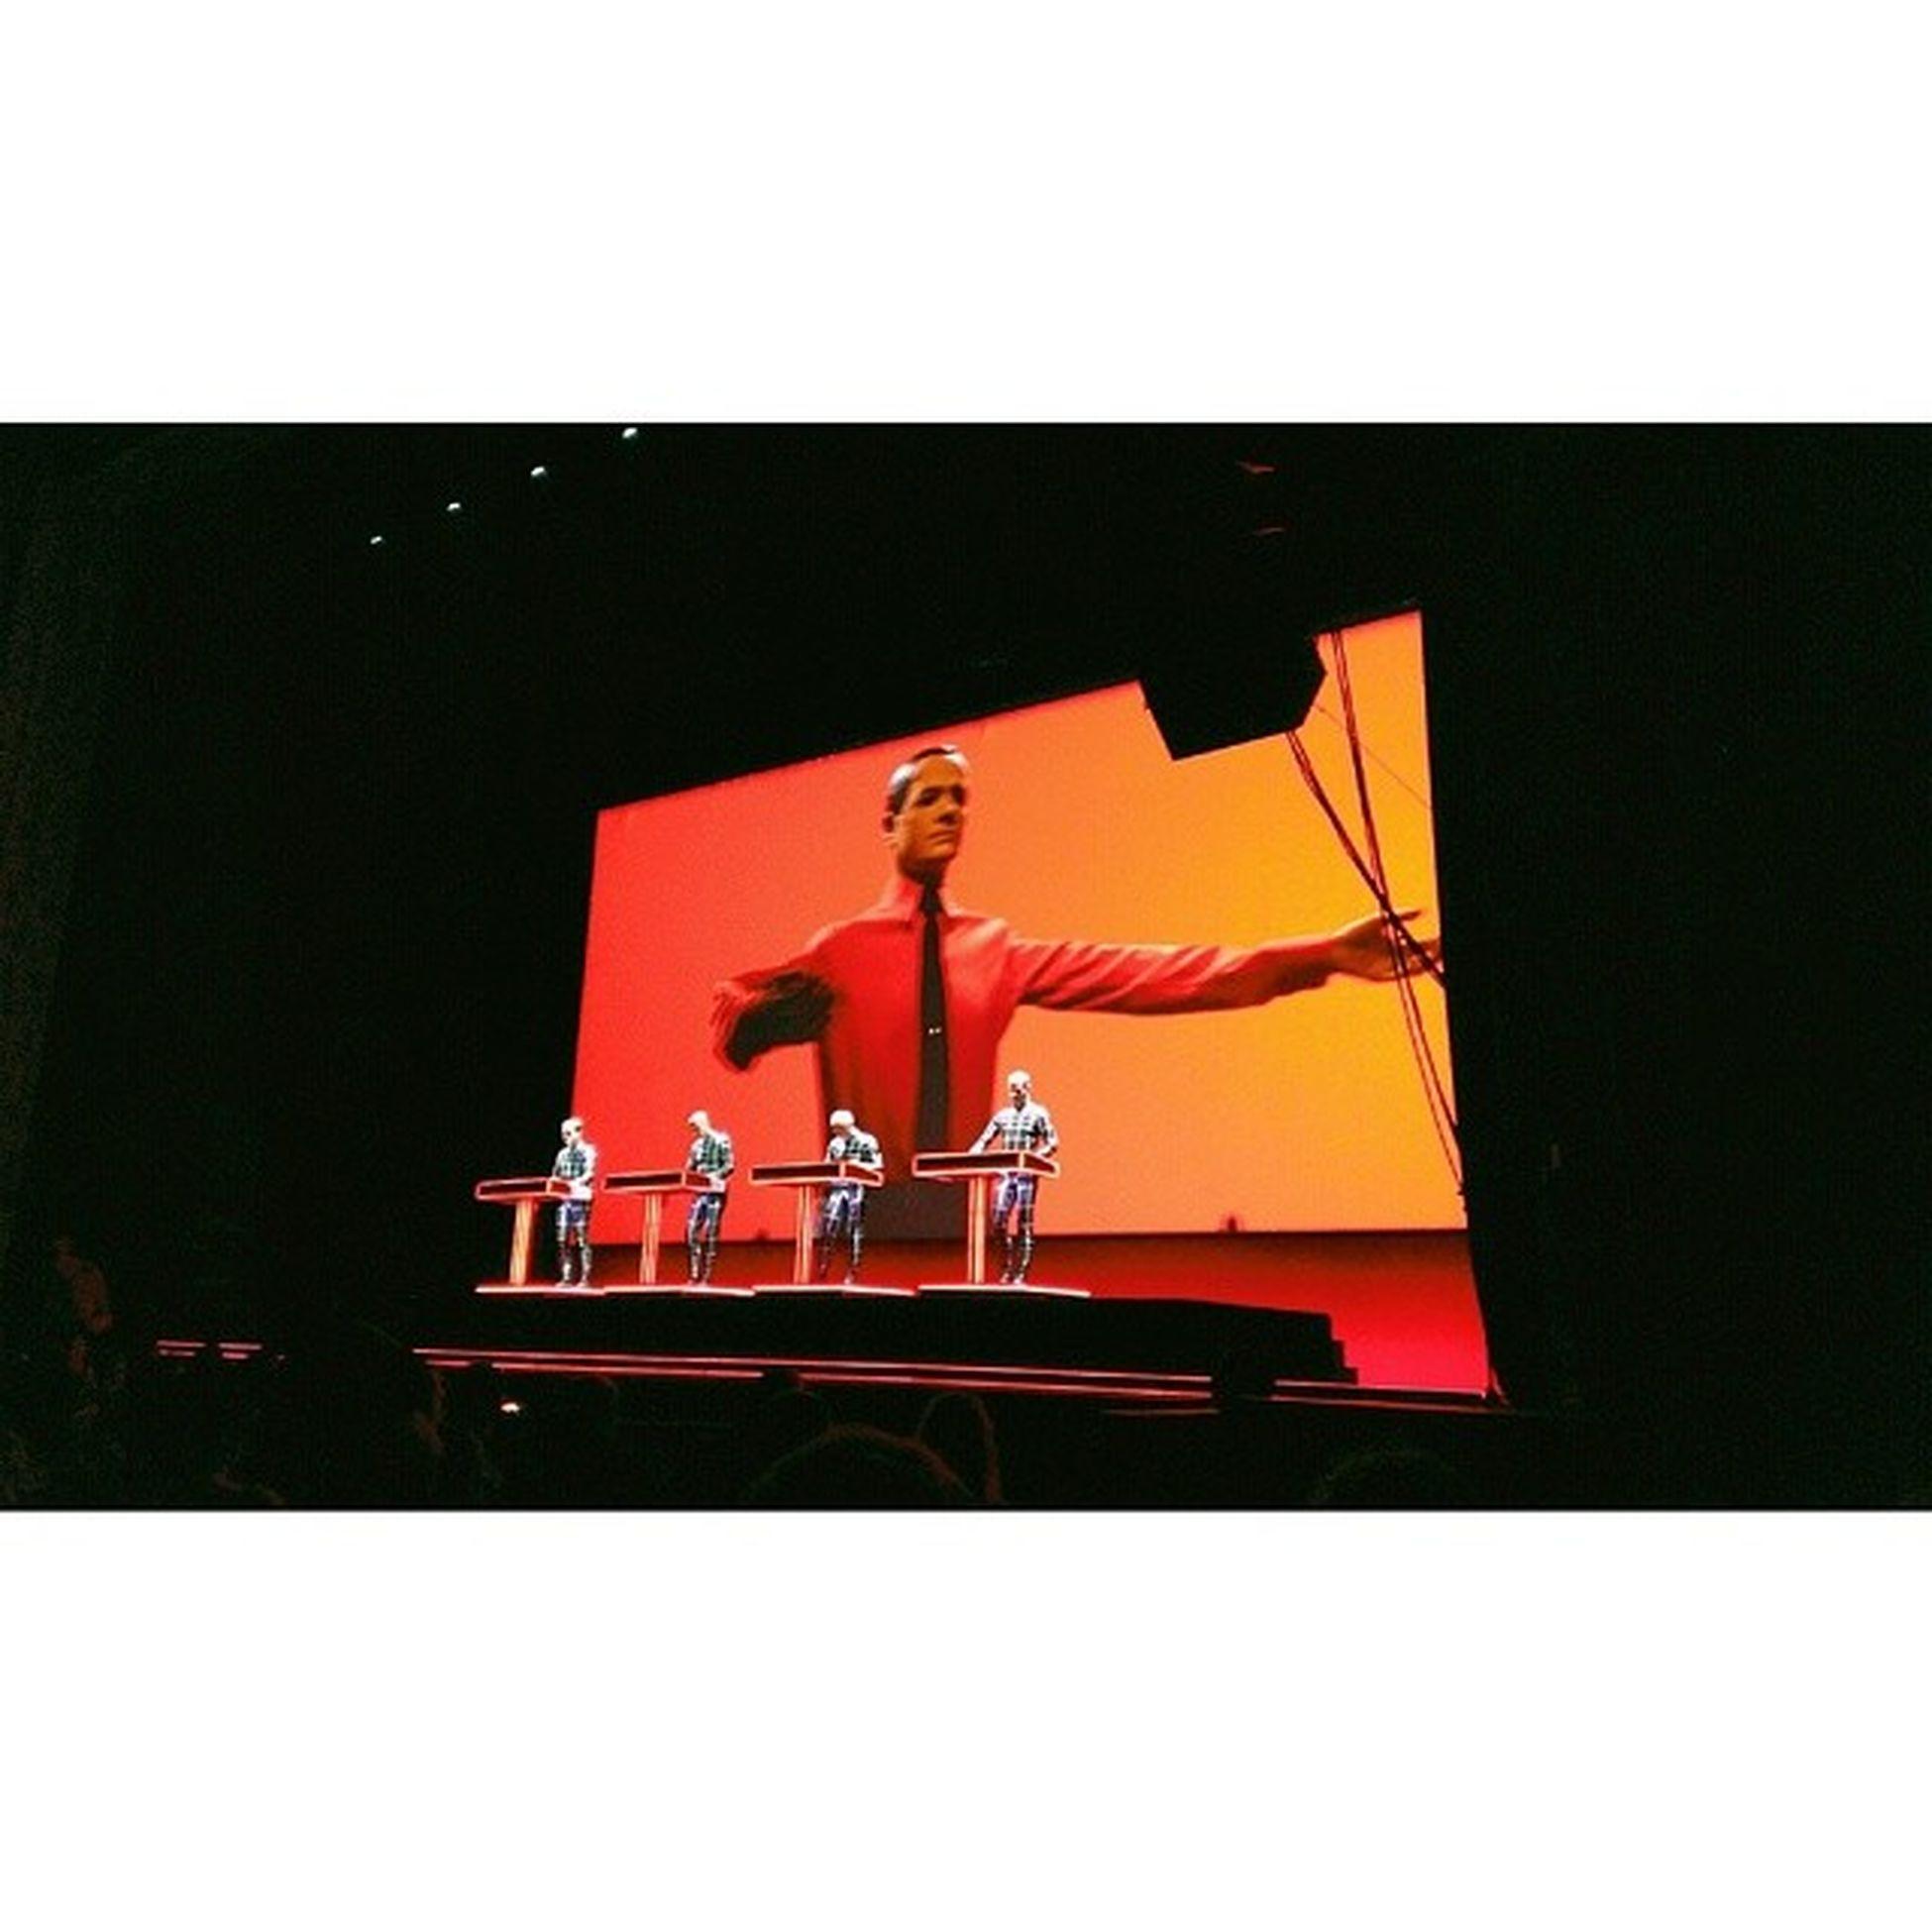 Kraftwerk Kraftwerk3d Kraftwerk3dtour Concert electronic synthesizer rocknroll german deutschland architecture stage theparamounttheater seattle portland pdx vancouver sf denver chicago nyc toronto london